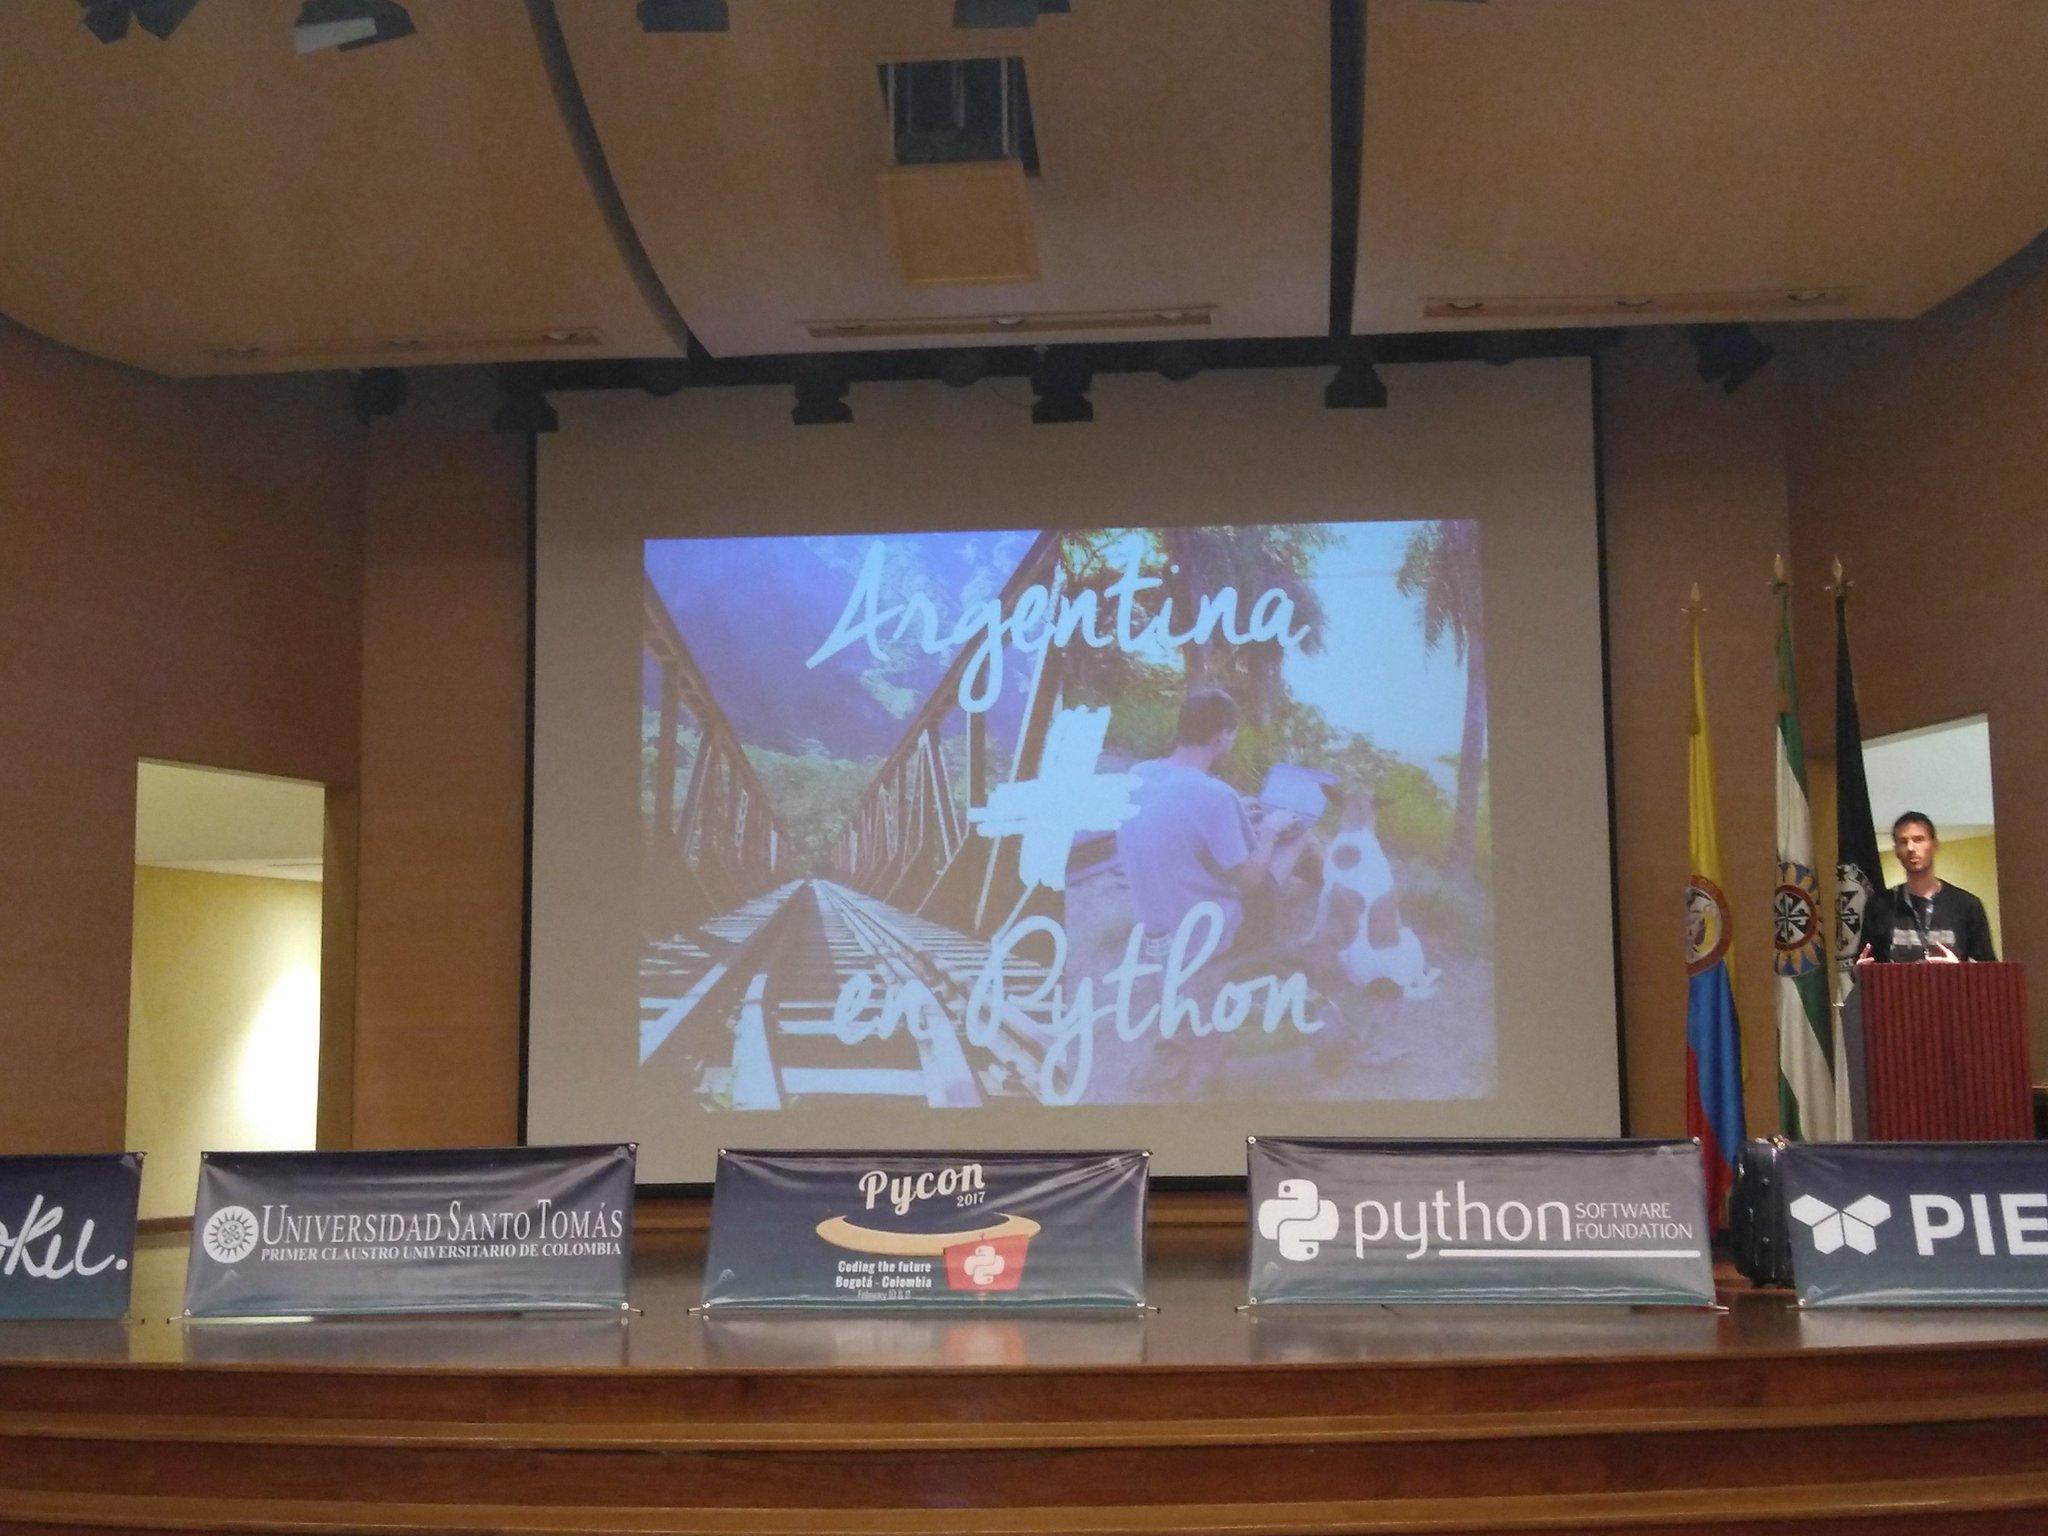 En el escenario Manuel Kauffmann nos comparte una mirada de Pycon desde la Argentina del #PyConCo2017 @pyconcolombia https://t.co/8HsXv1r17D